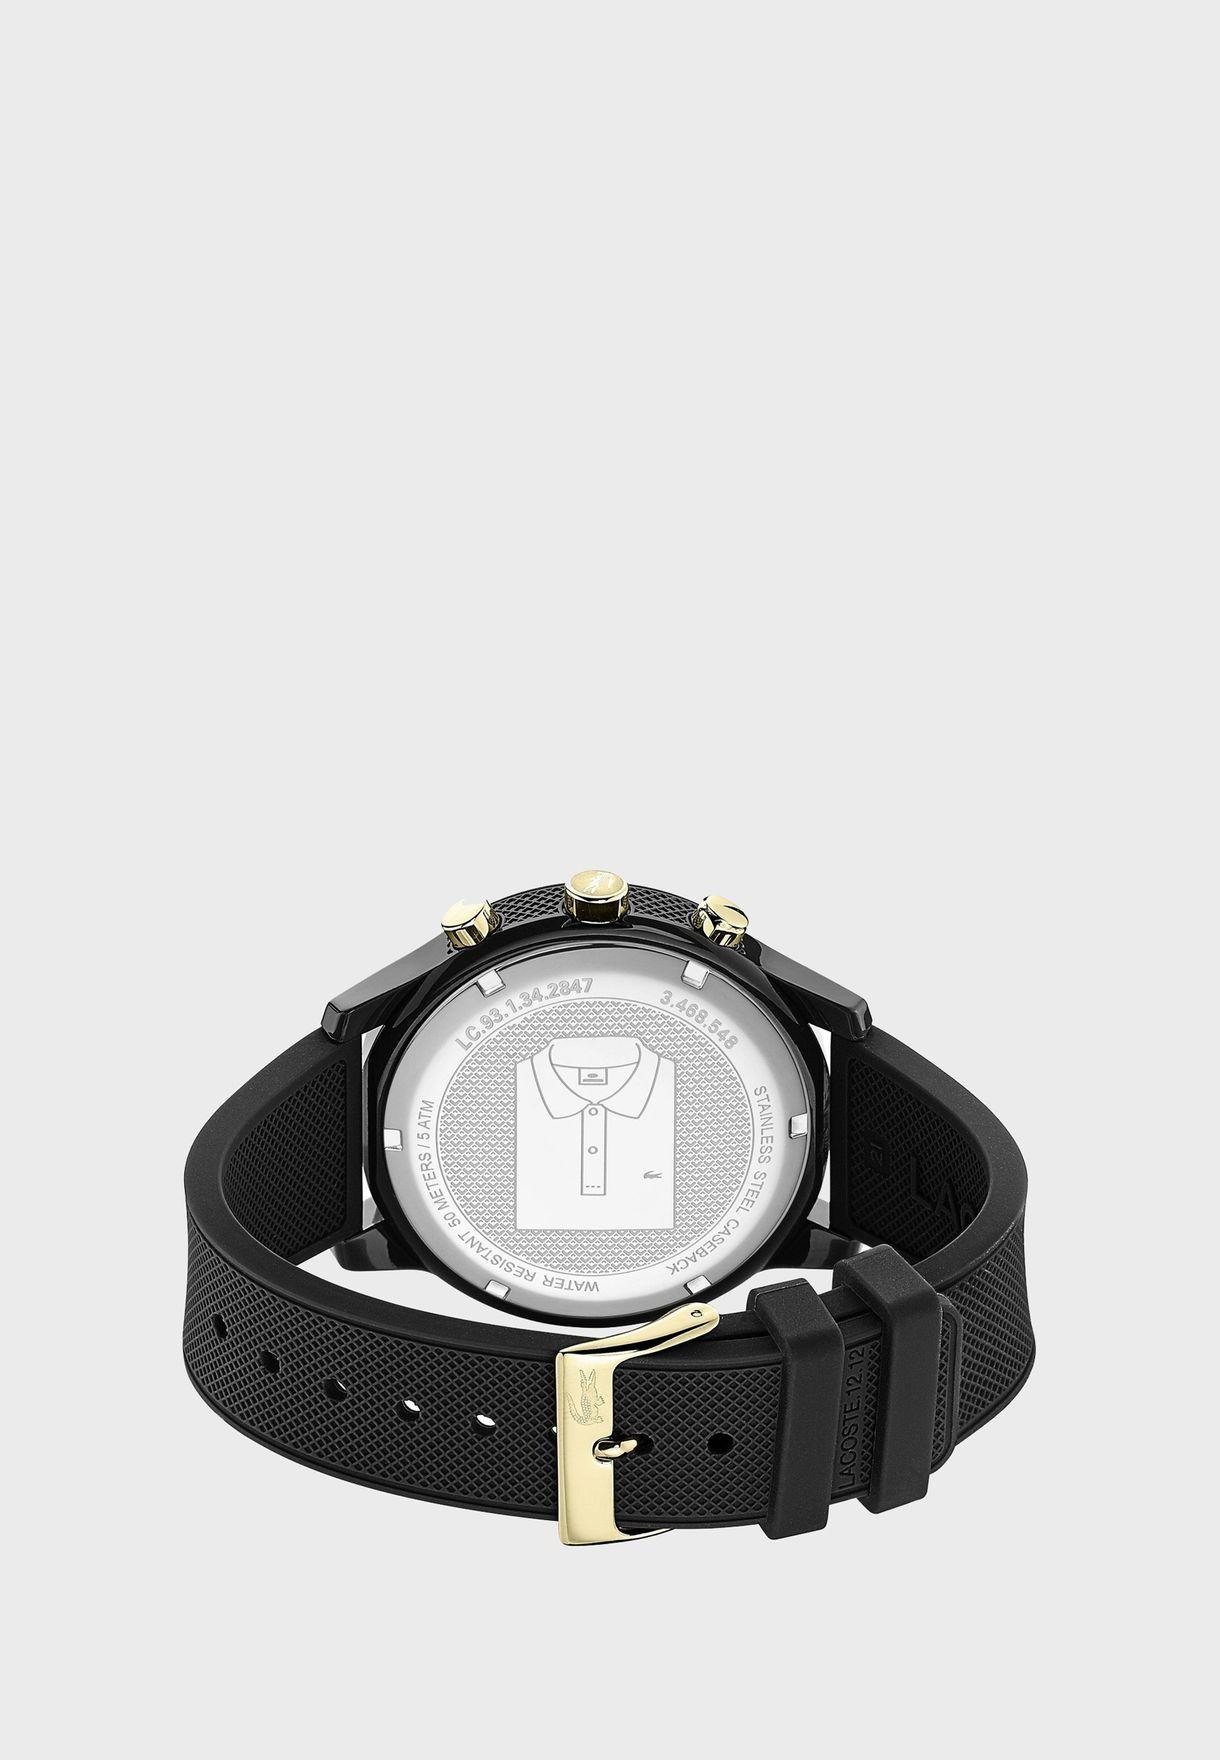 ساعة لاكوست L12.12 بسوار سيليكون للرجال - 2011012